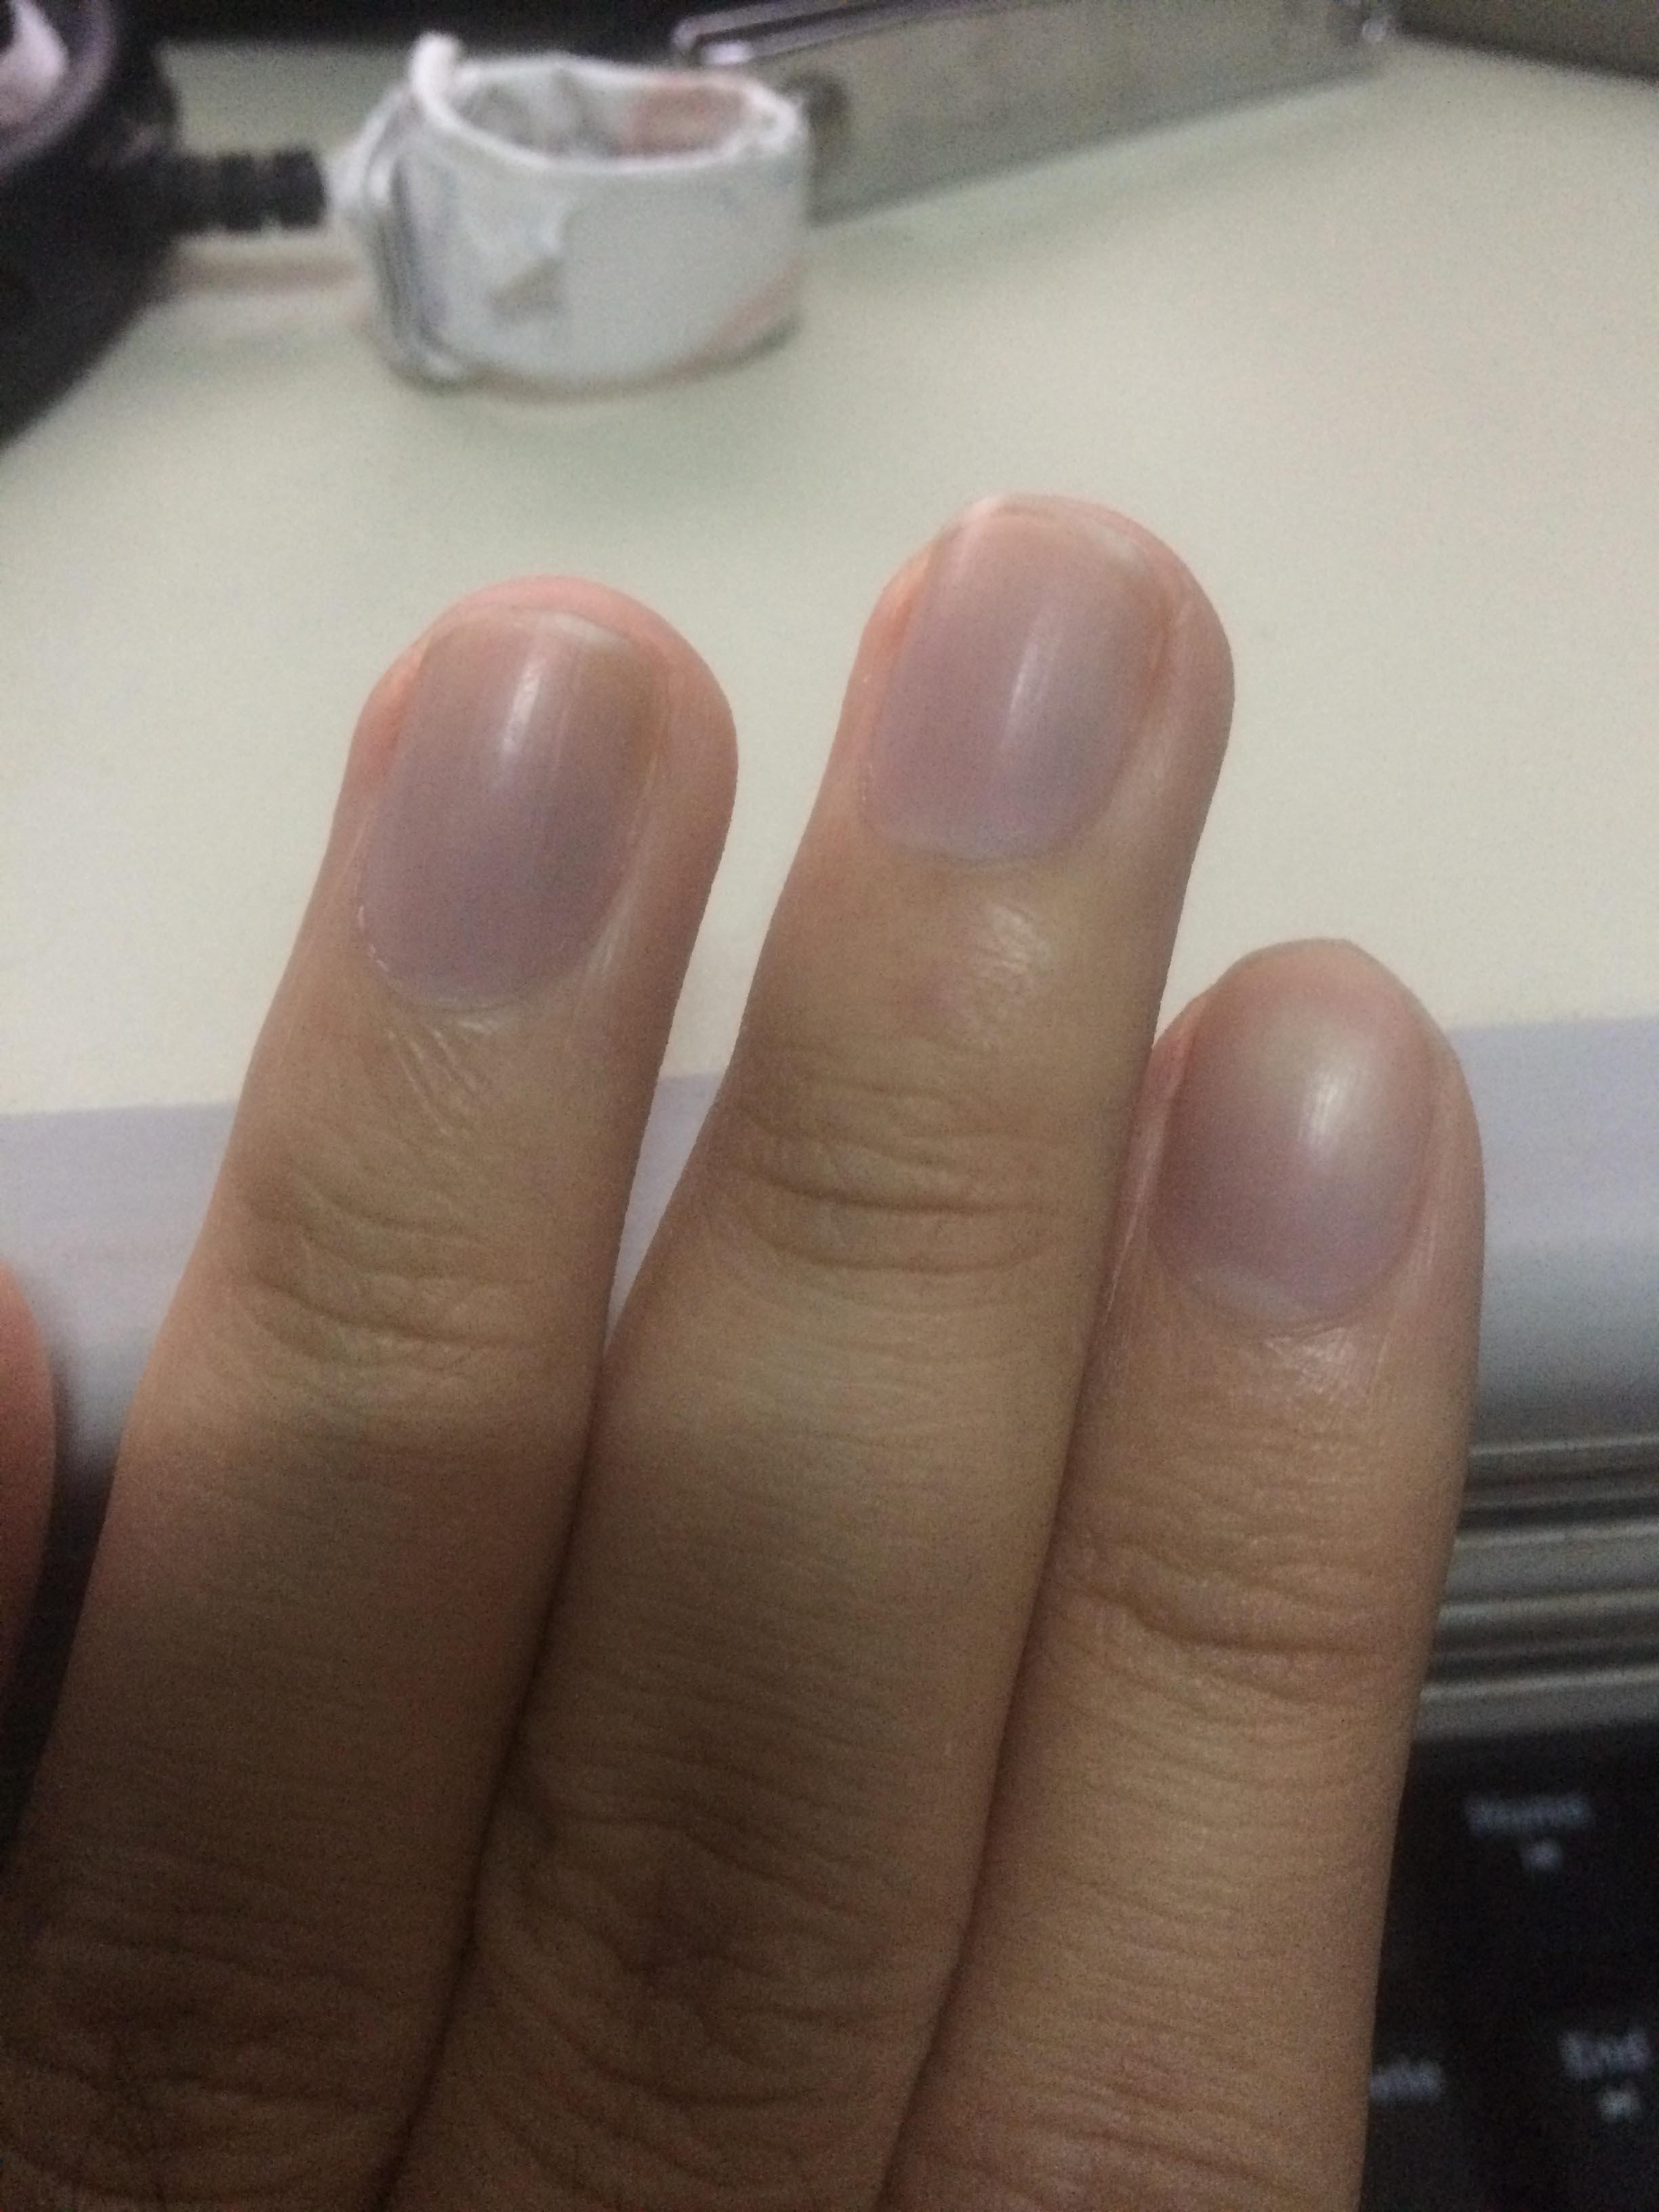 我想知道我不知道得了什么病。指甲颜色有问题